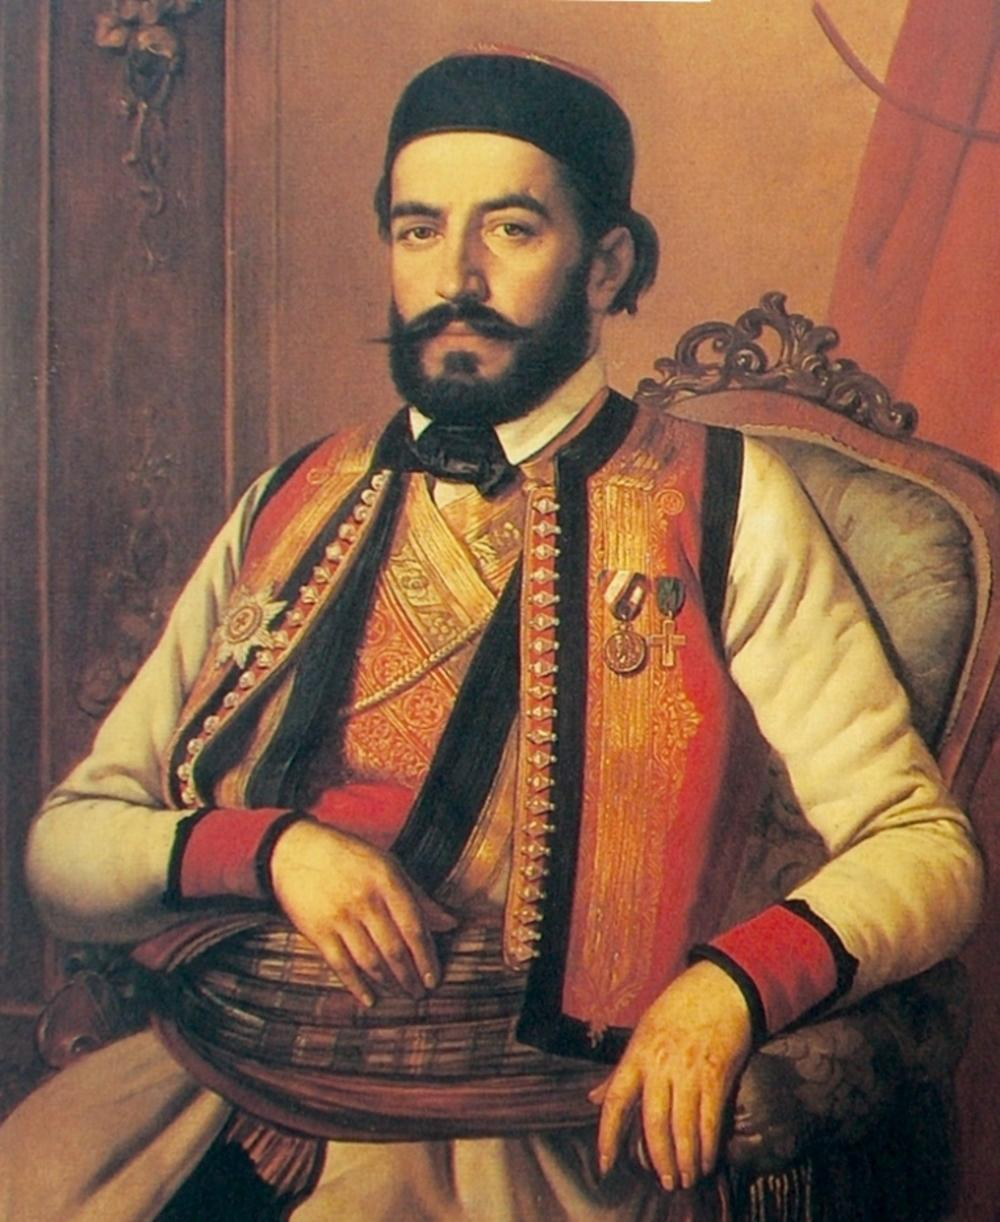 Ponosio se time što je Srbin - Petar Petrović Njegoš